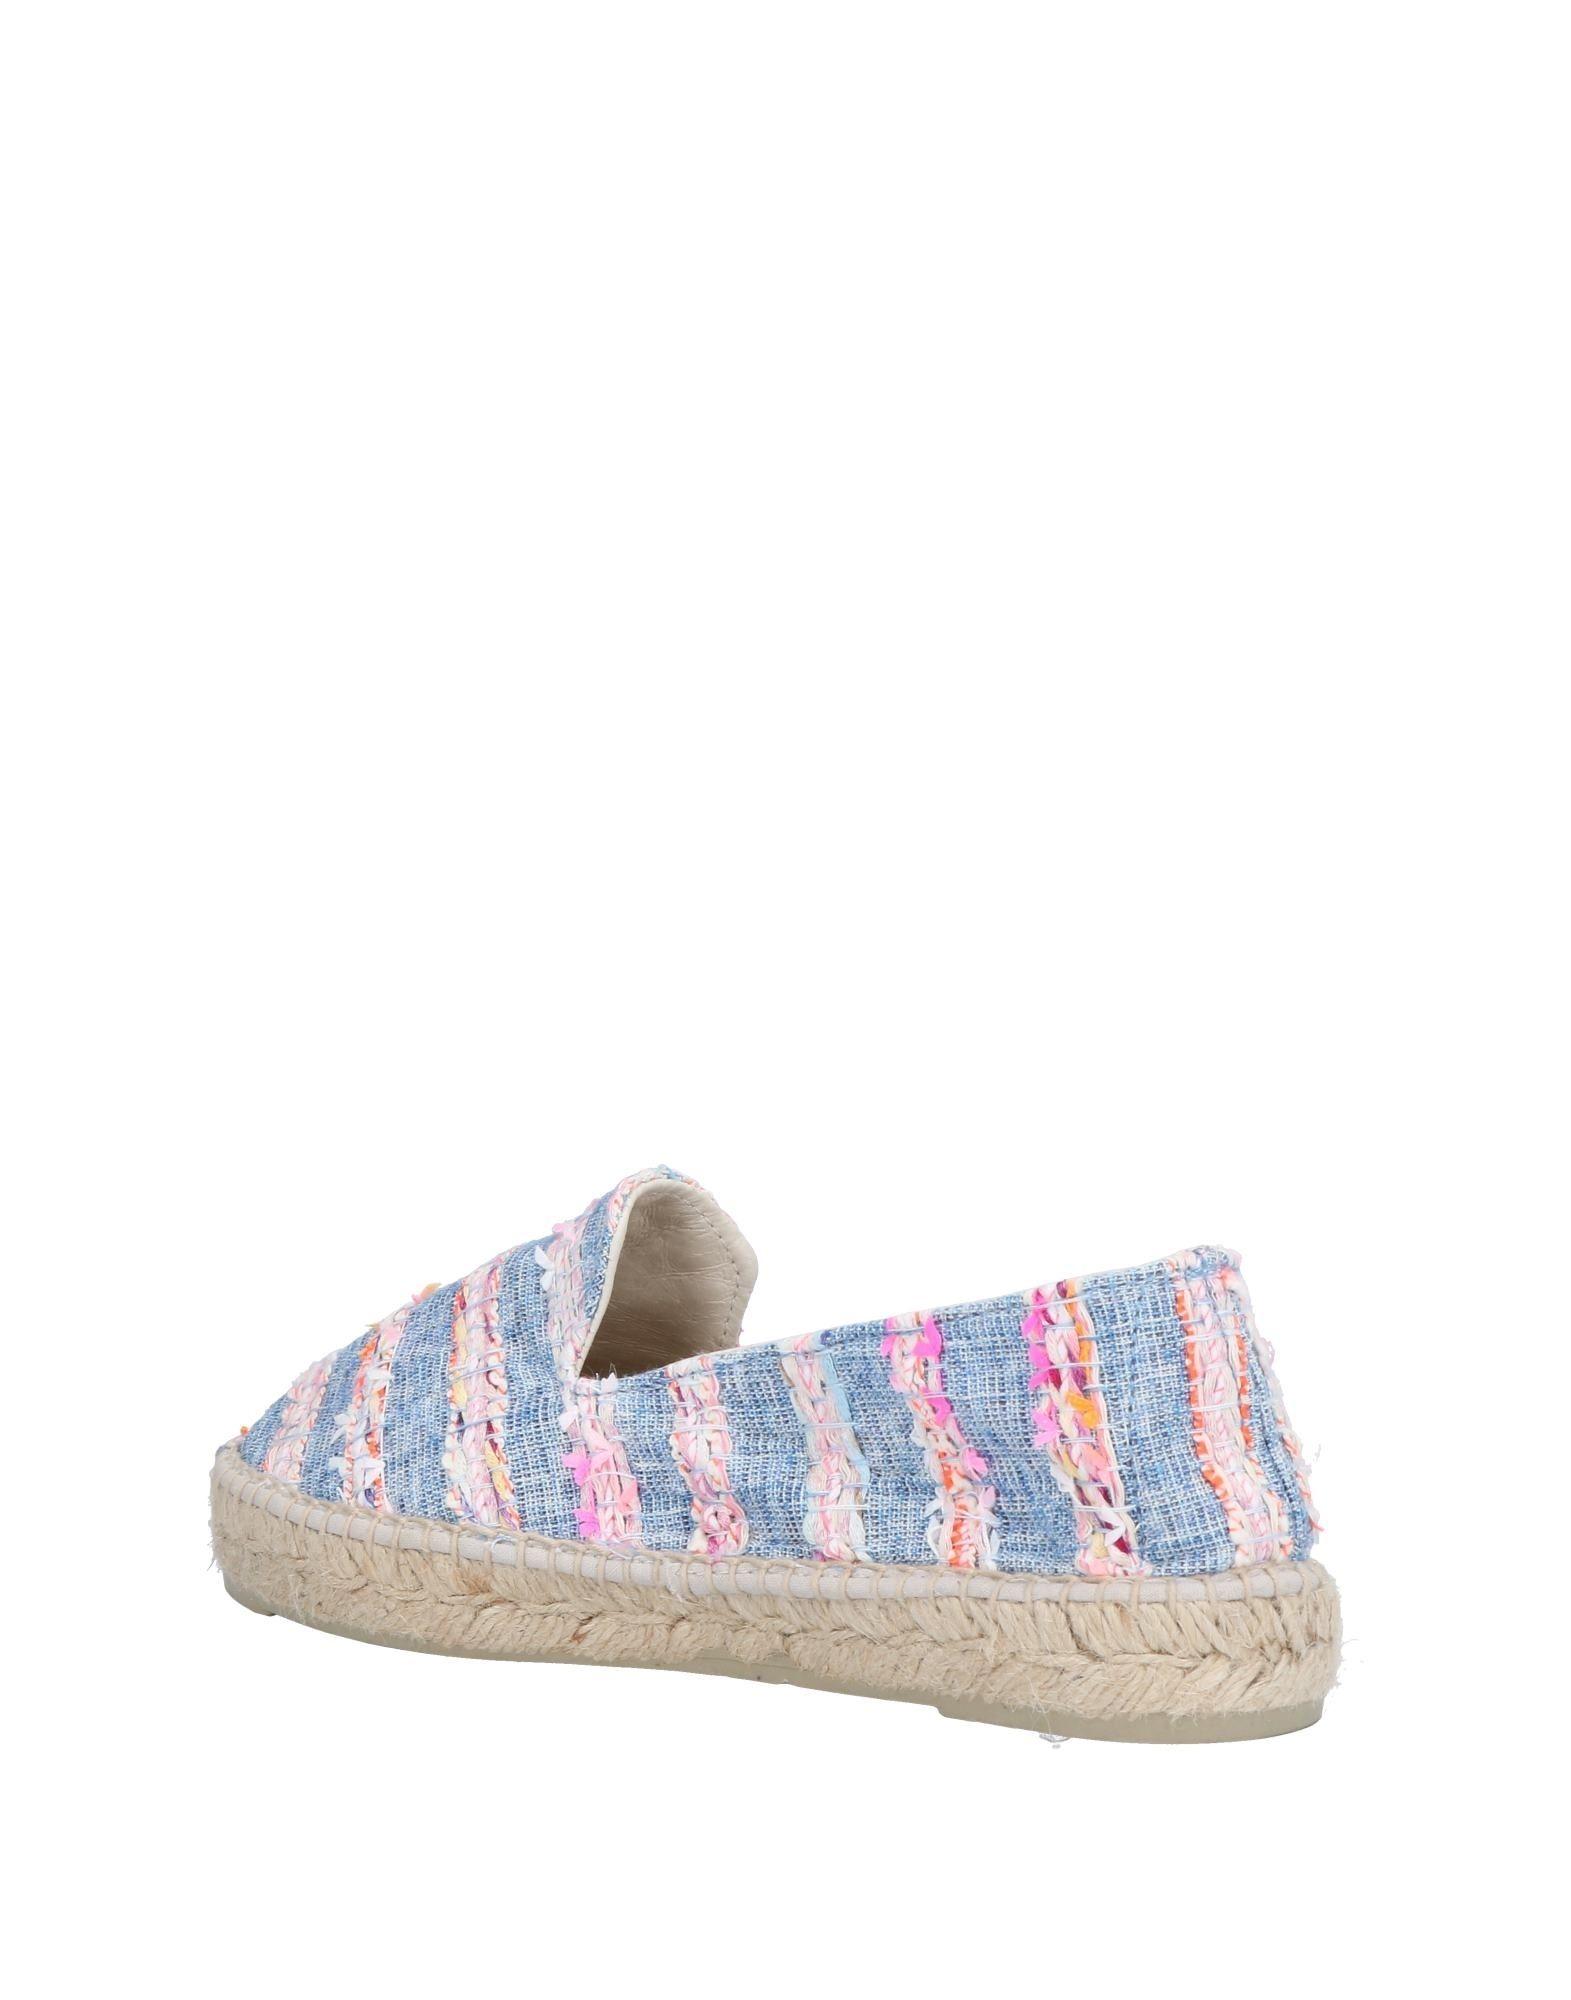 Manebí Espadrilles Damen  11433694OU Gute Qualität beliebte Schuhe Schuhe Schuhe 7f93eb